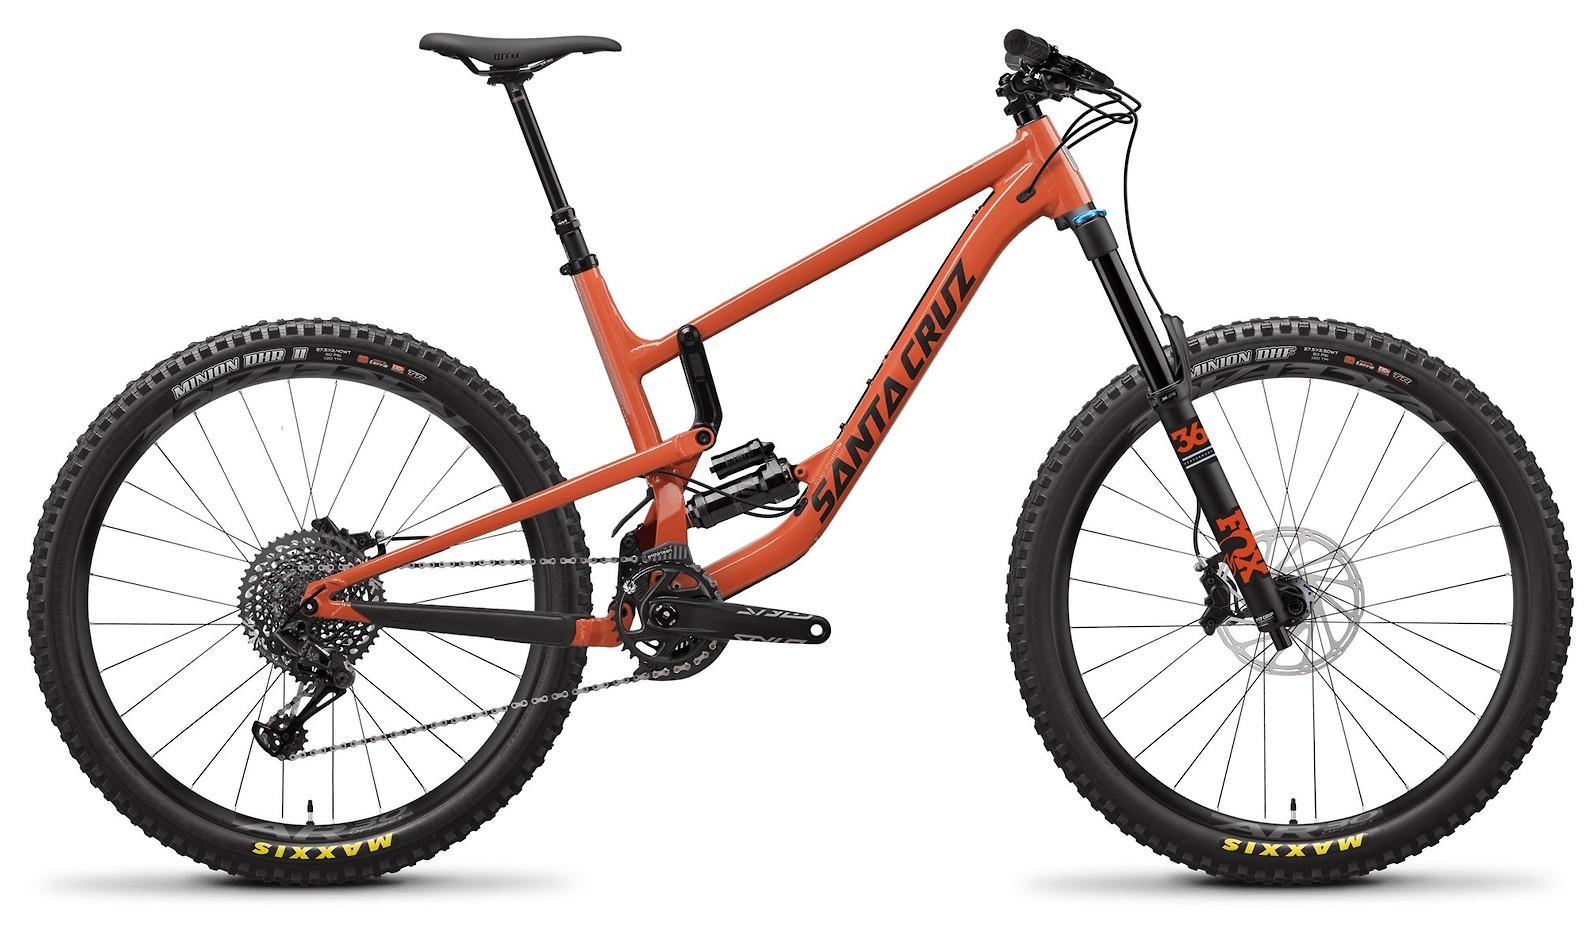 Nomad Aluminum S Orange and Carbon